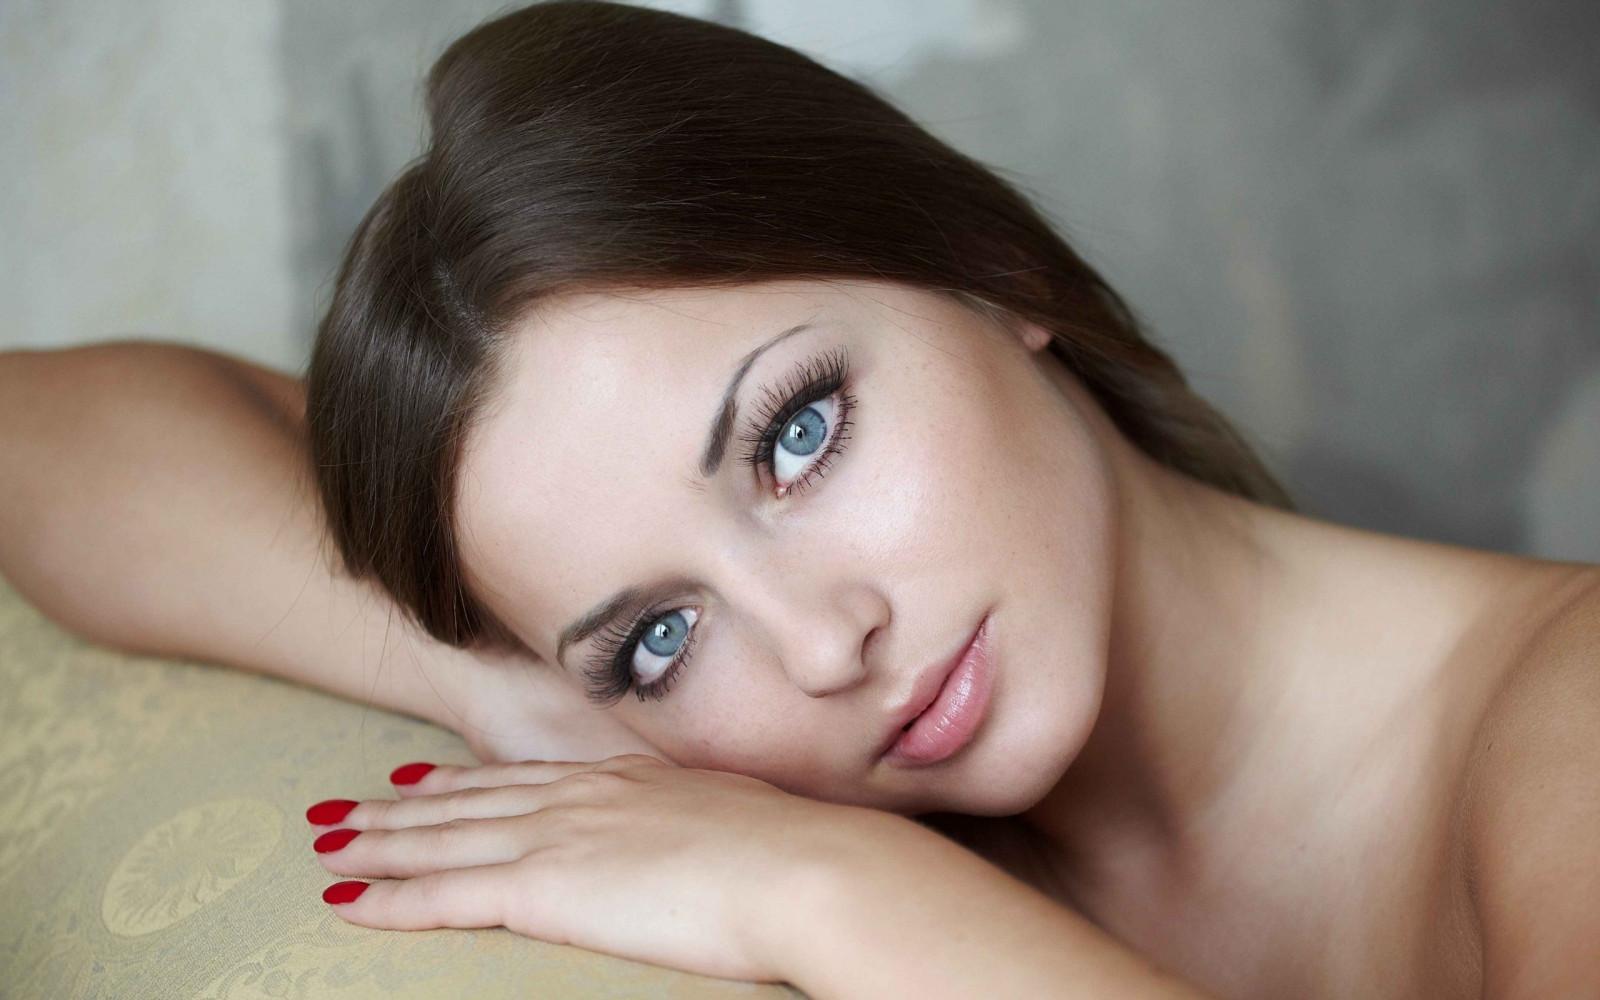 секс красивая брюнетка красивыми глазами могильники пьяноборья